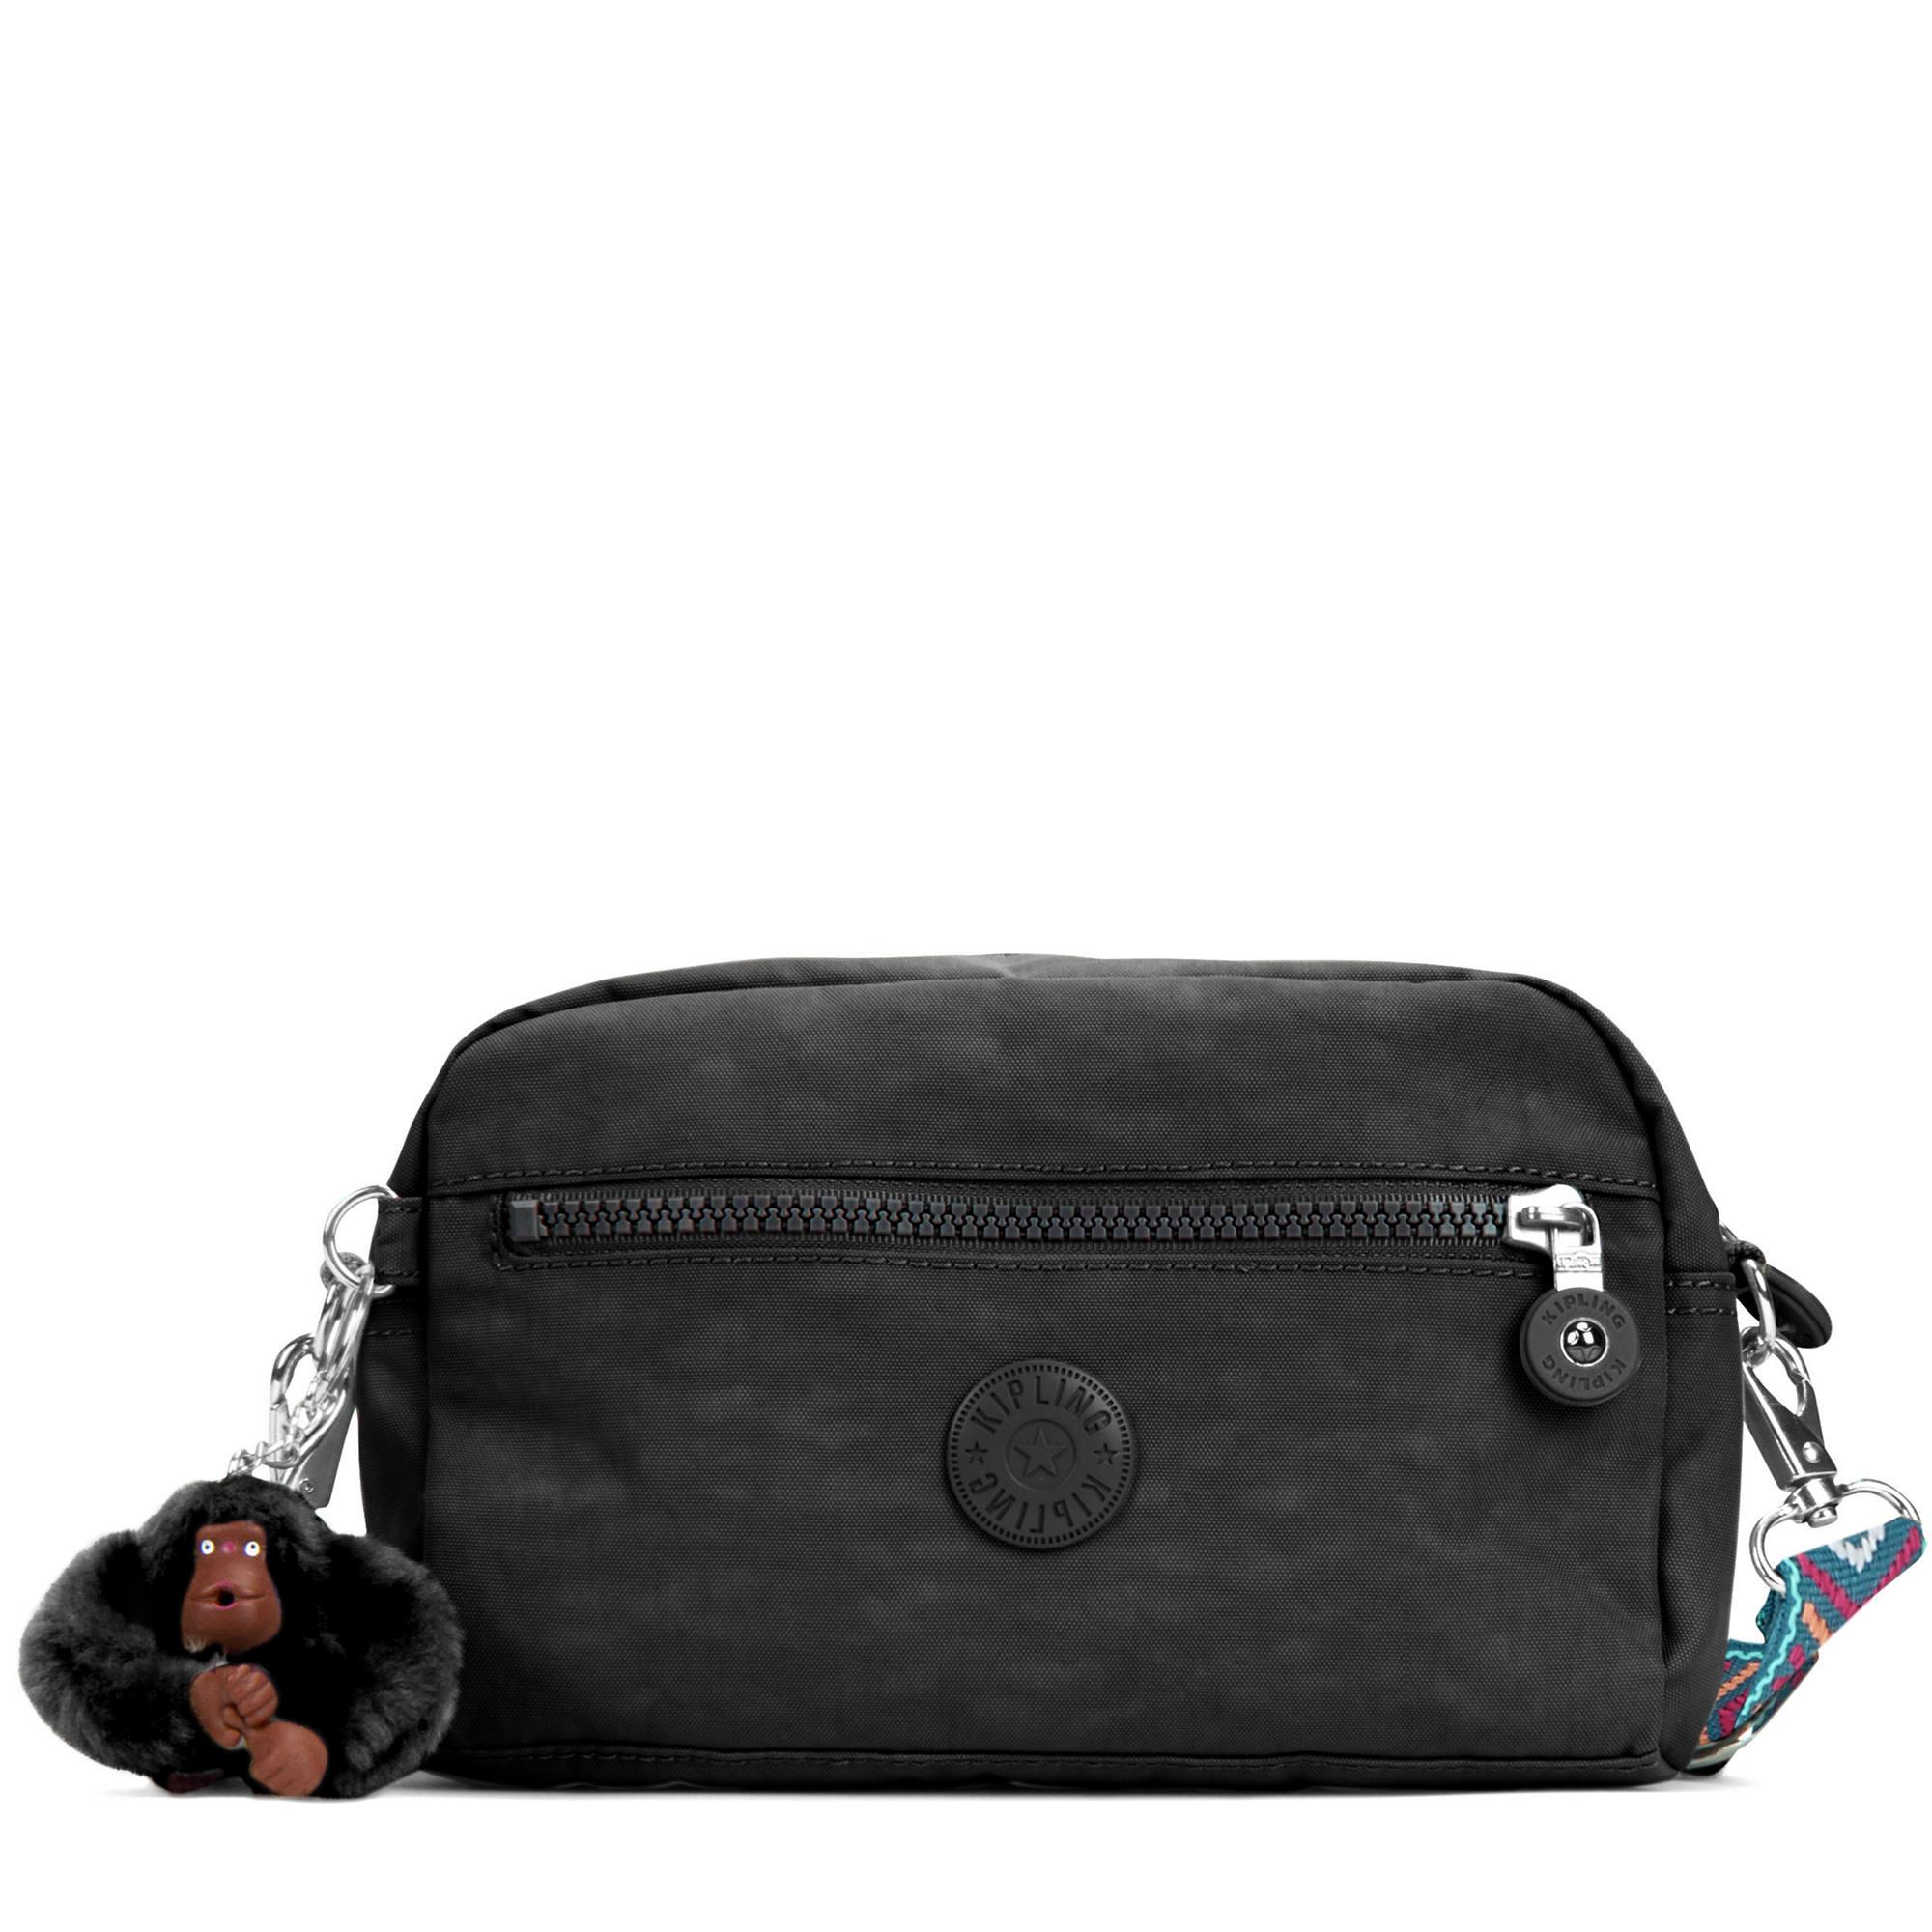 5a8289d4958 Eugene Mini Bag,Black Classic,large